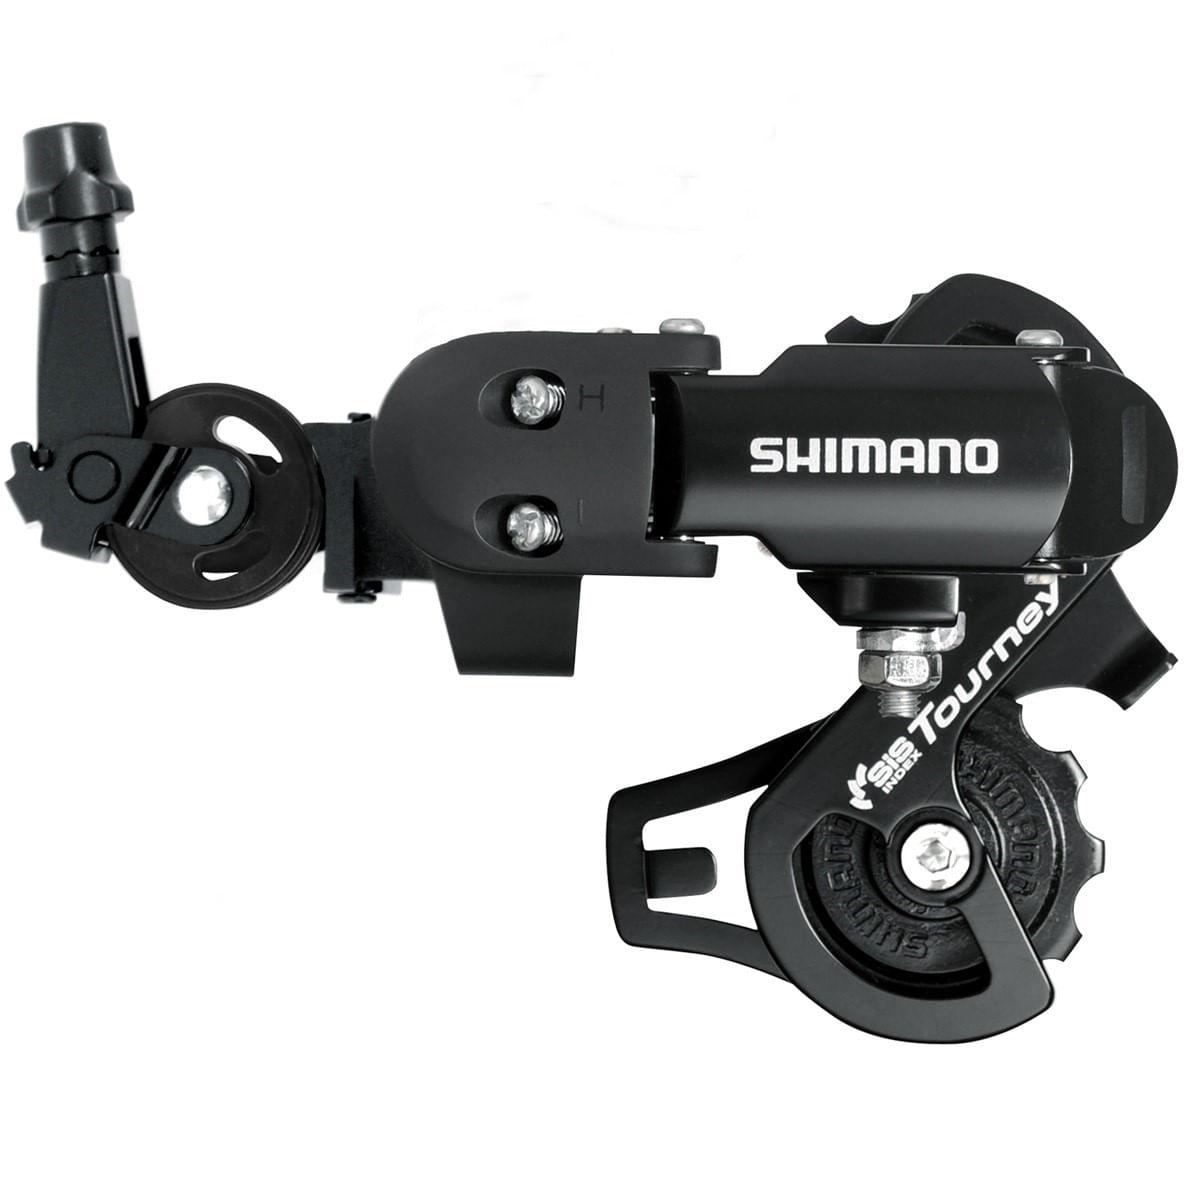 Cambio-de-Bicicleta-Traseiro-Shimano-Tourney-RD-FT35-6-7v-com-Gancheira---8648